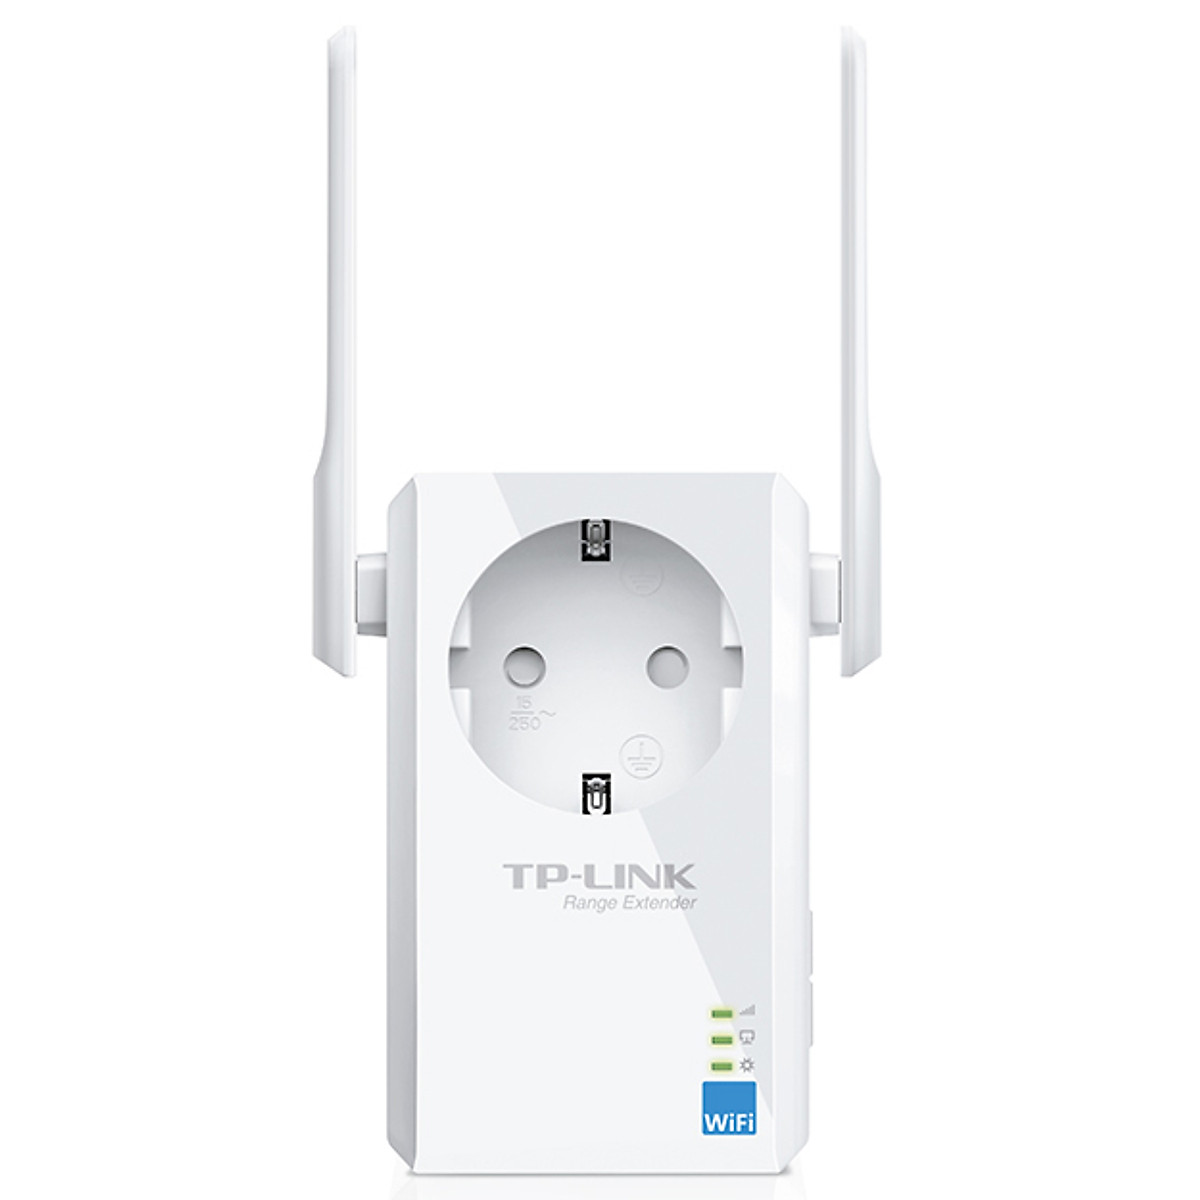 Bộ Kích Sóng Wifi Repeater 300Mbps TP-Link  TL-WA860RE – Hàng Chính Hãng